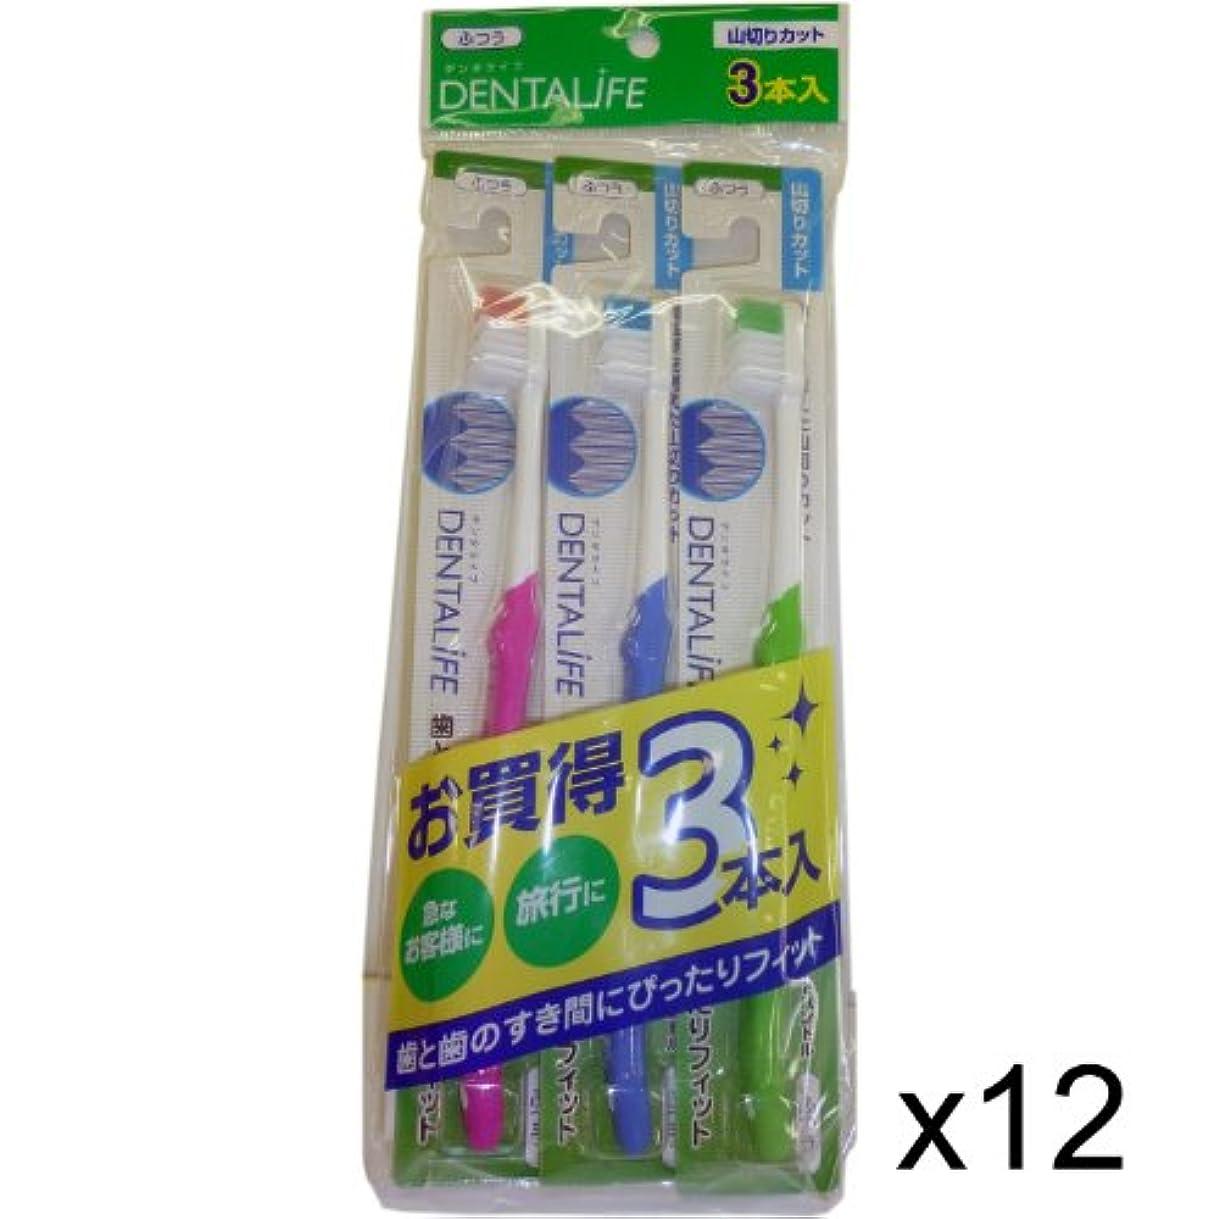 養う慣性ひそかにお徳用 DELTALIFE(デンタライフ)山切り歯ブラシ ふつう 3P×12ヶセット(36本)